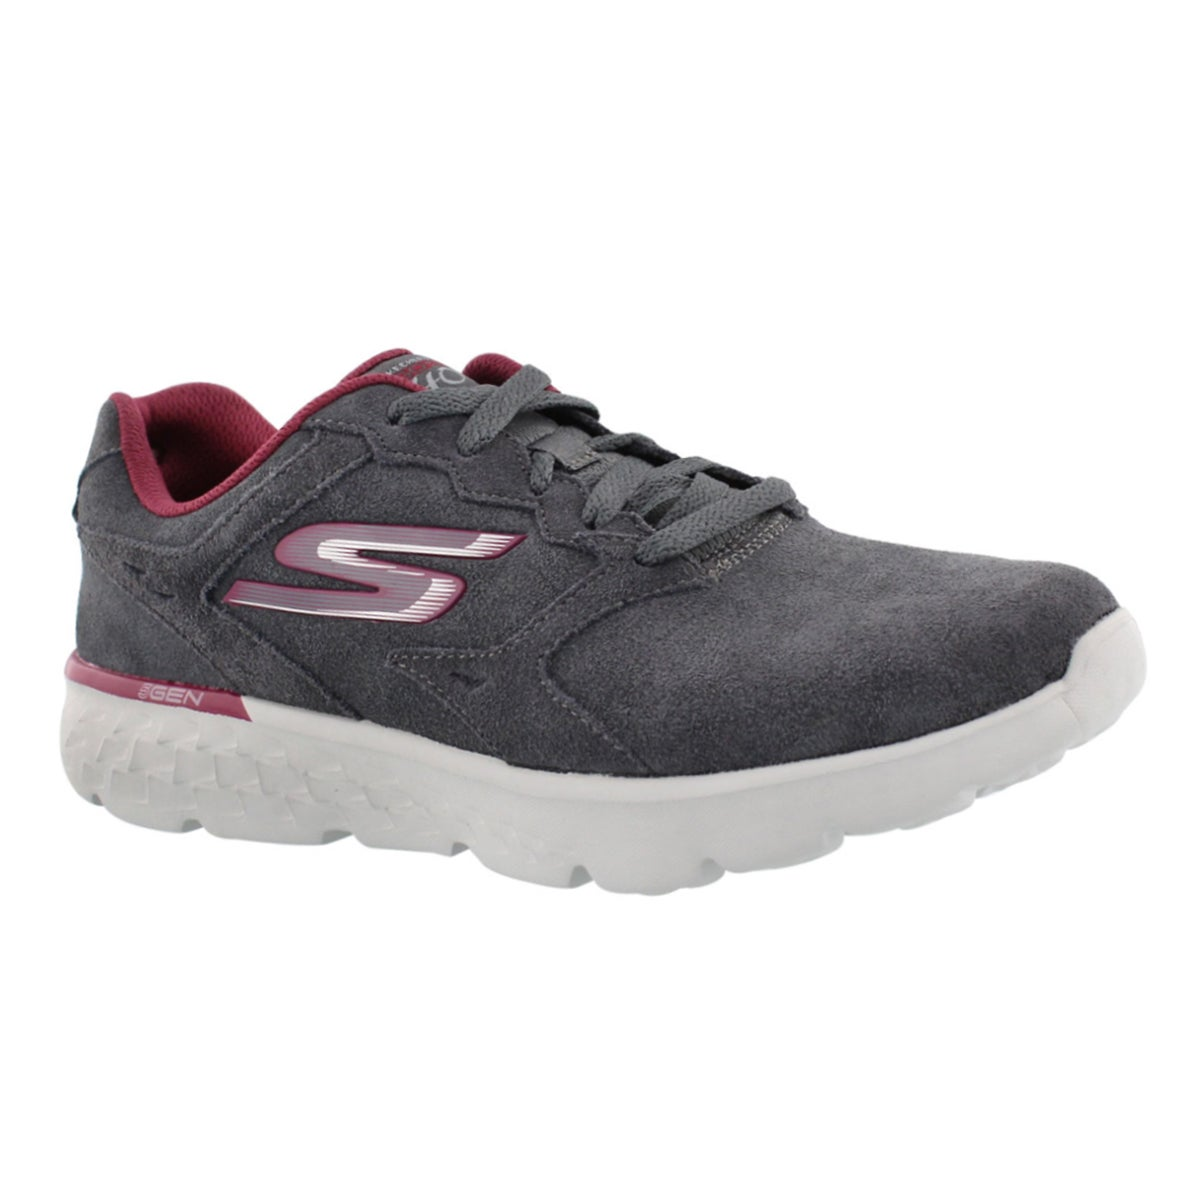 Women's GOrun 400 charcoal lace up running shoes